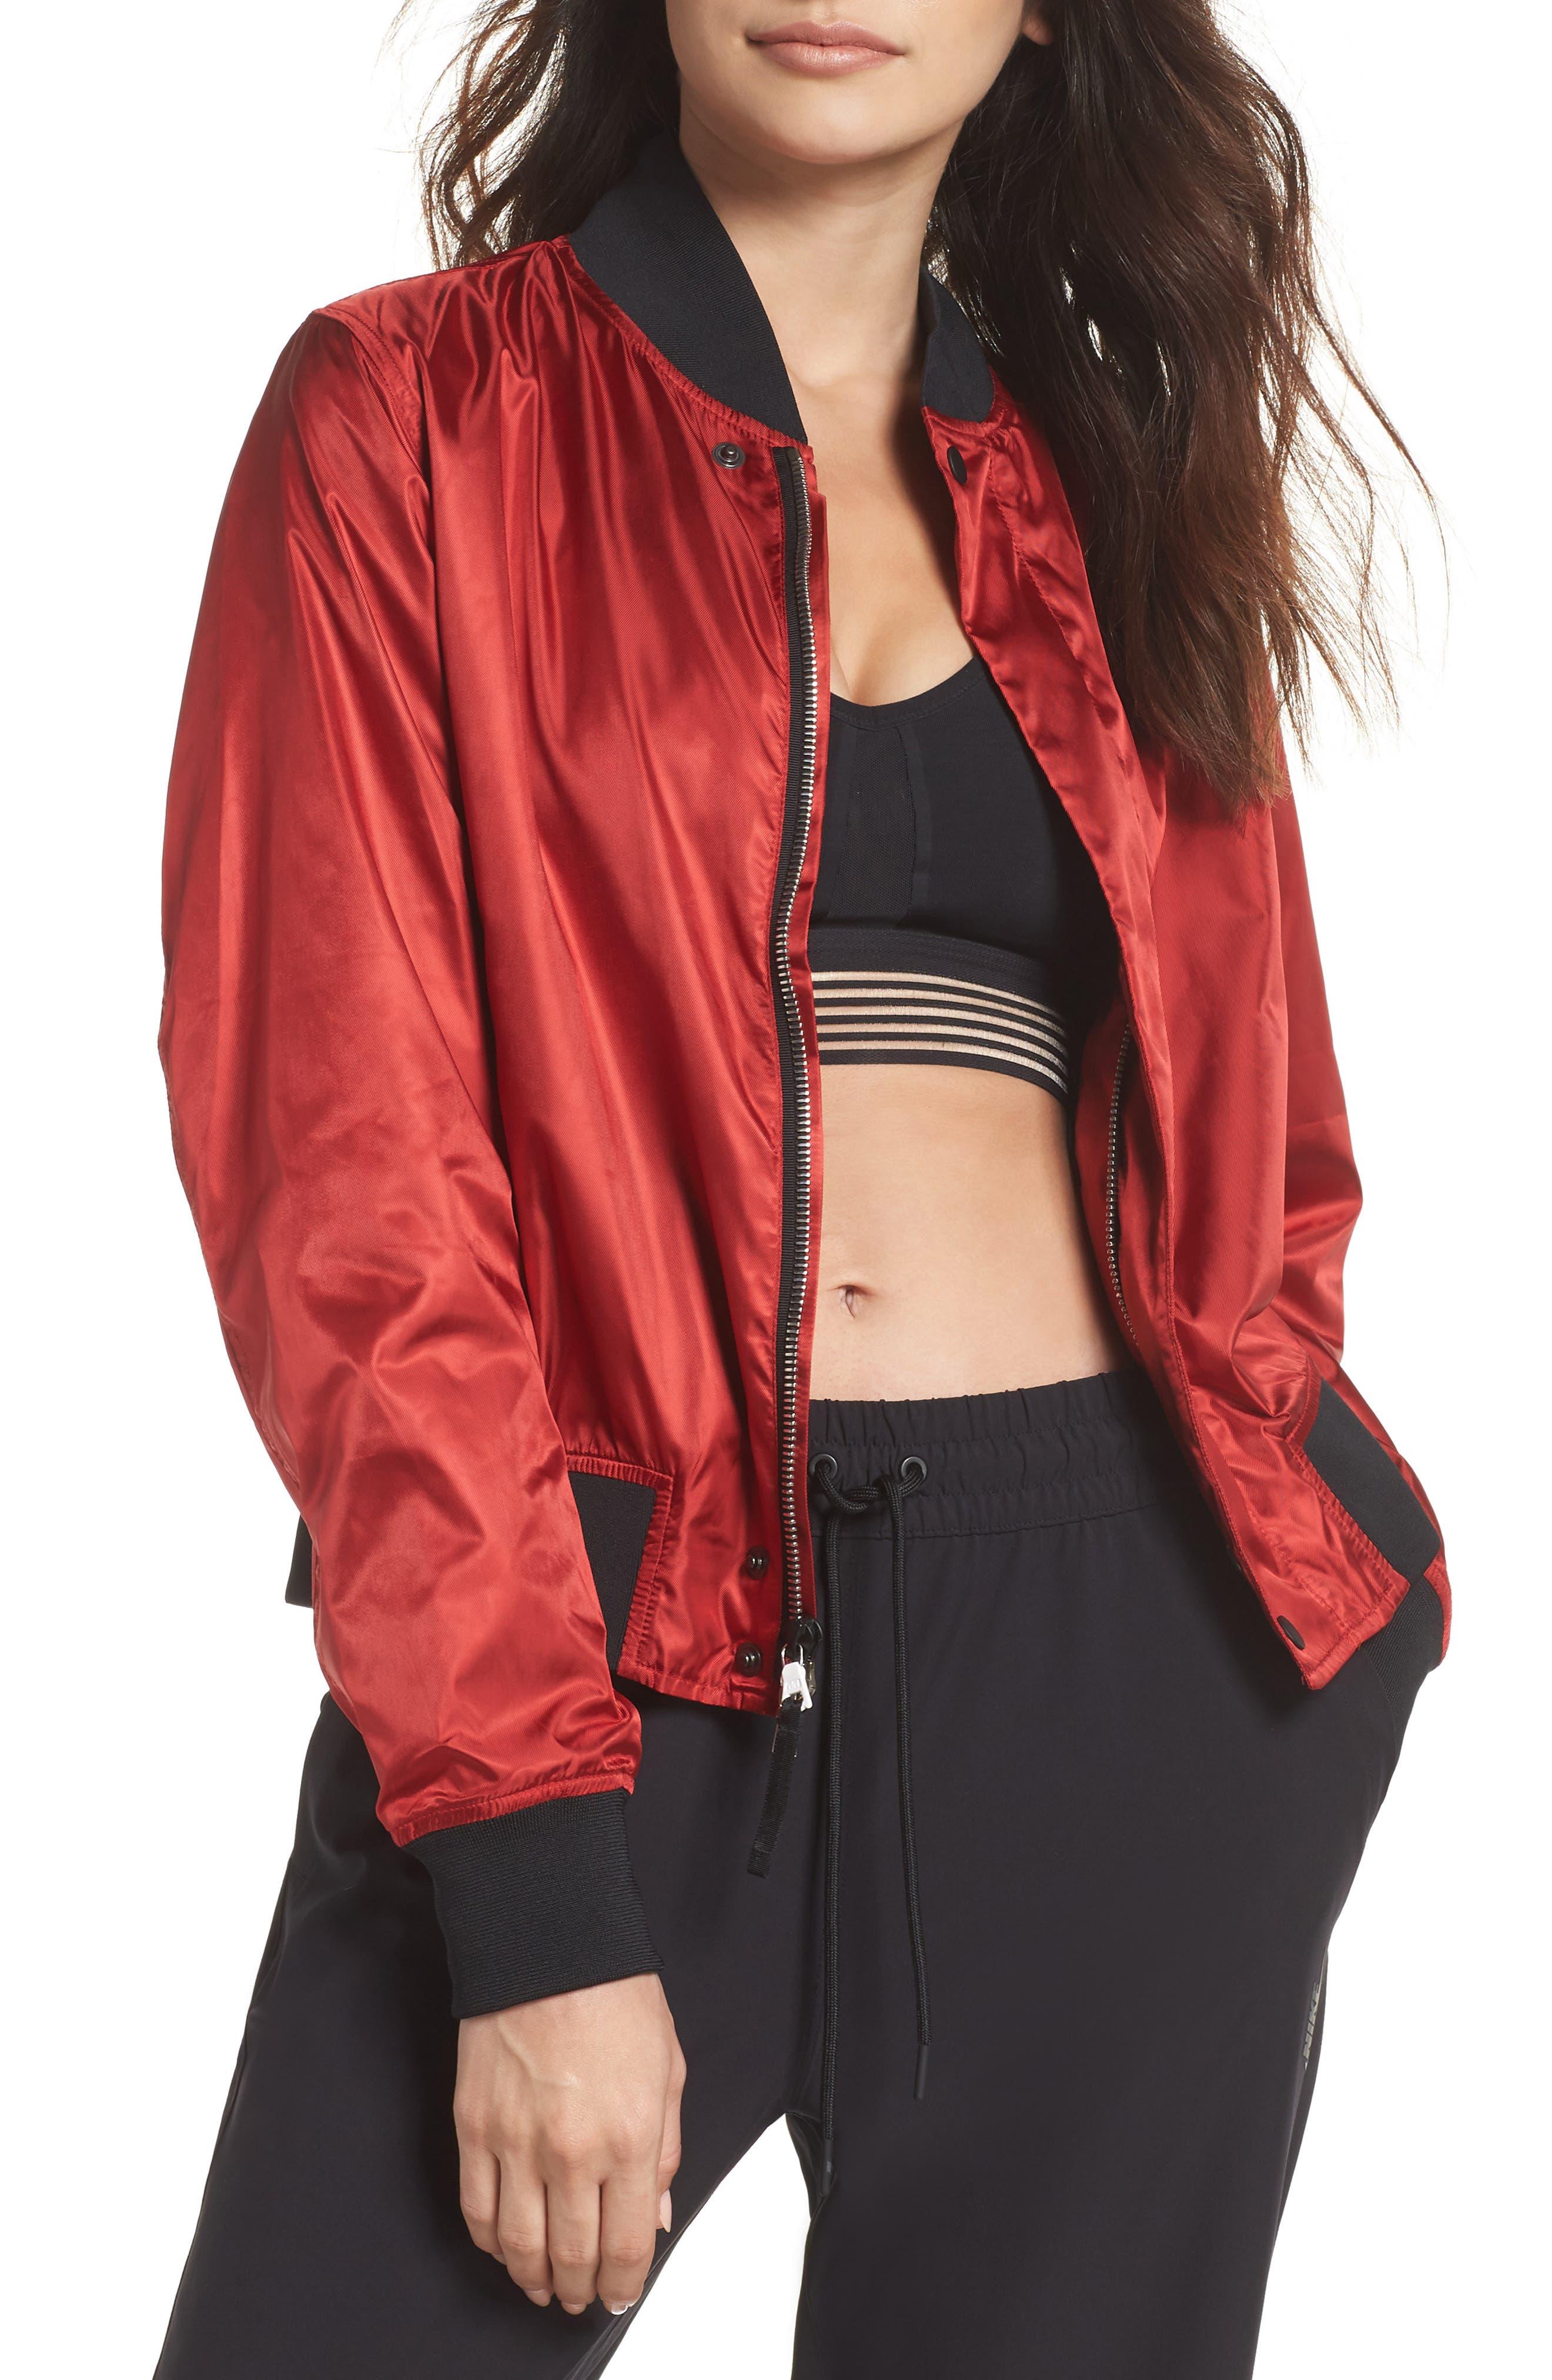 Nike NikeLab Collection Women's Satin Bomber Jacket